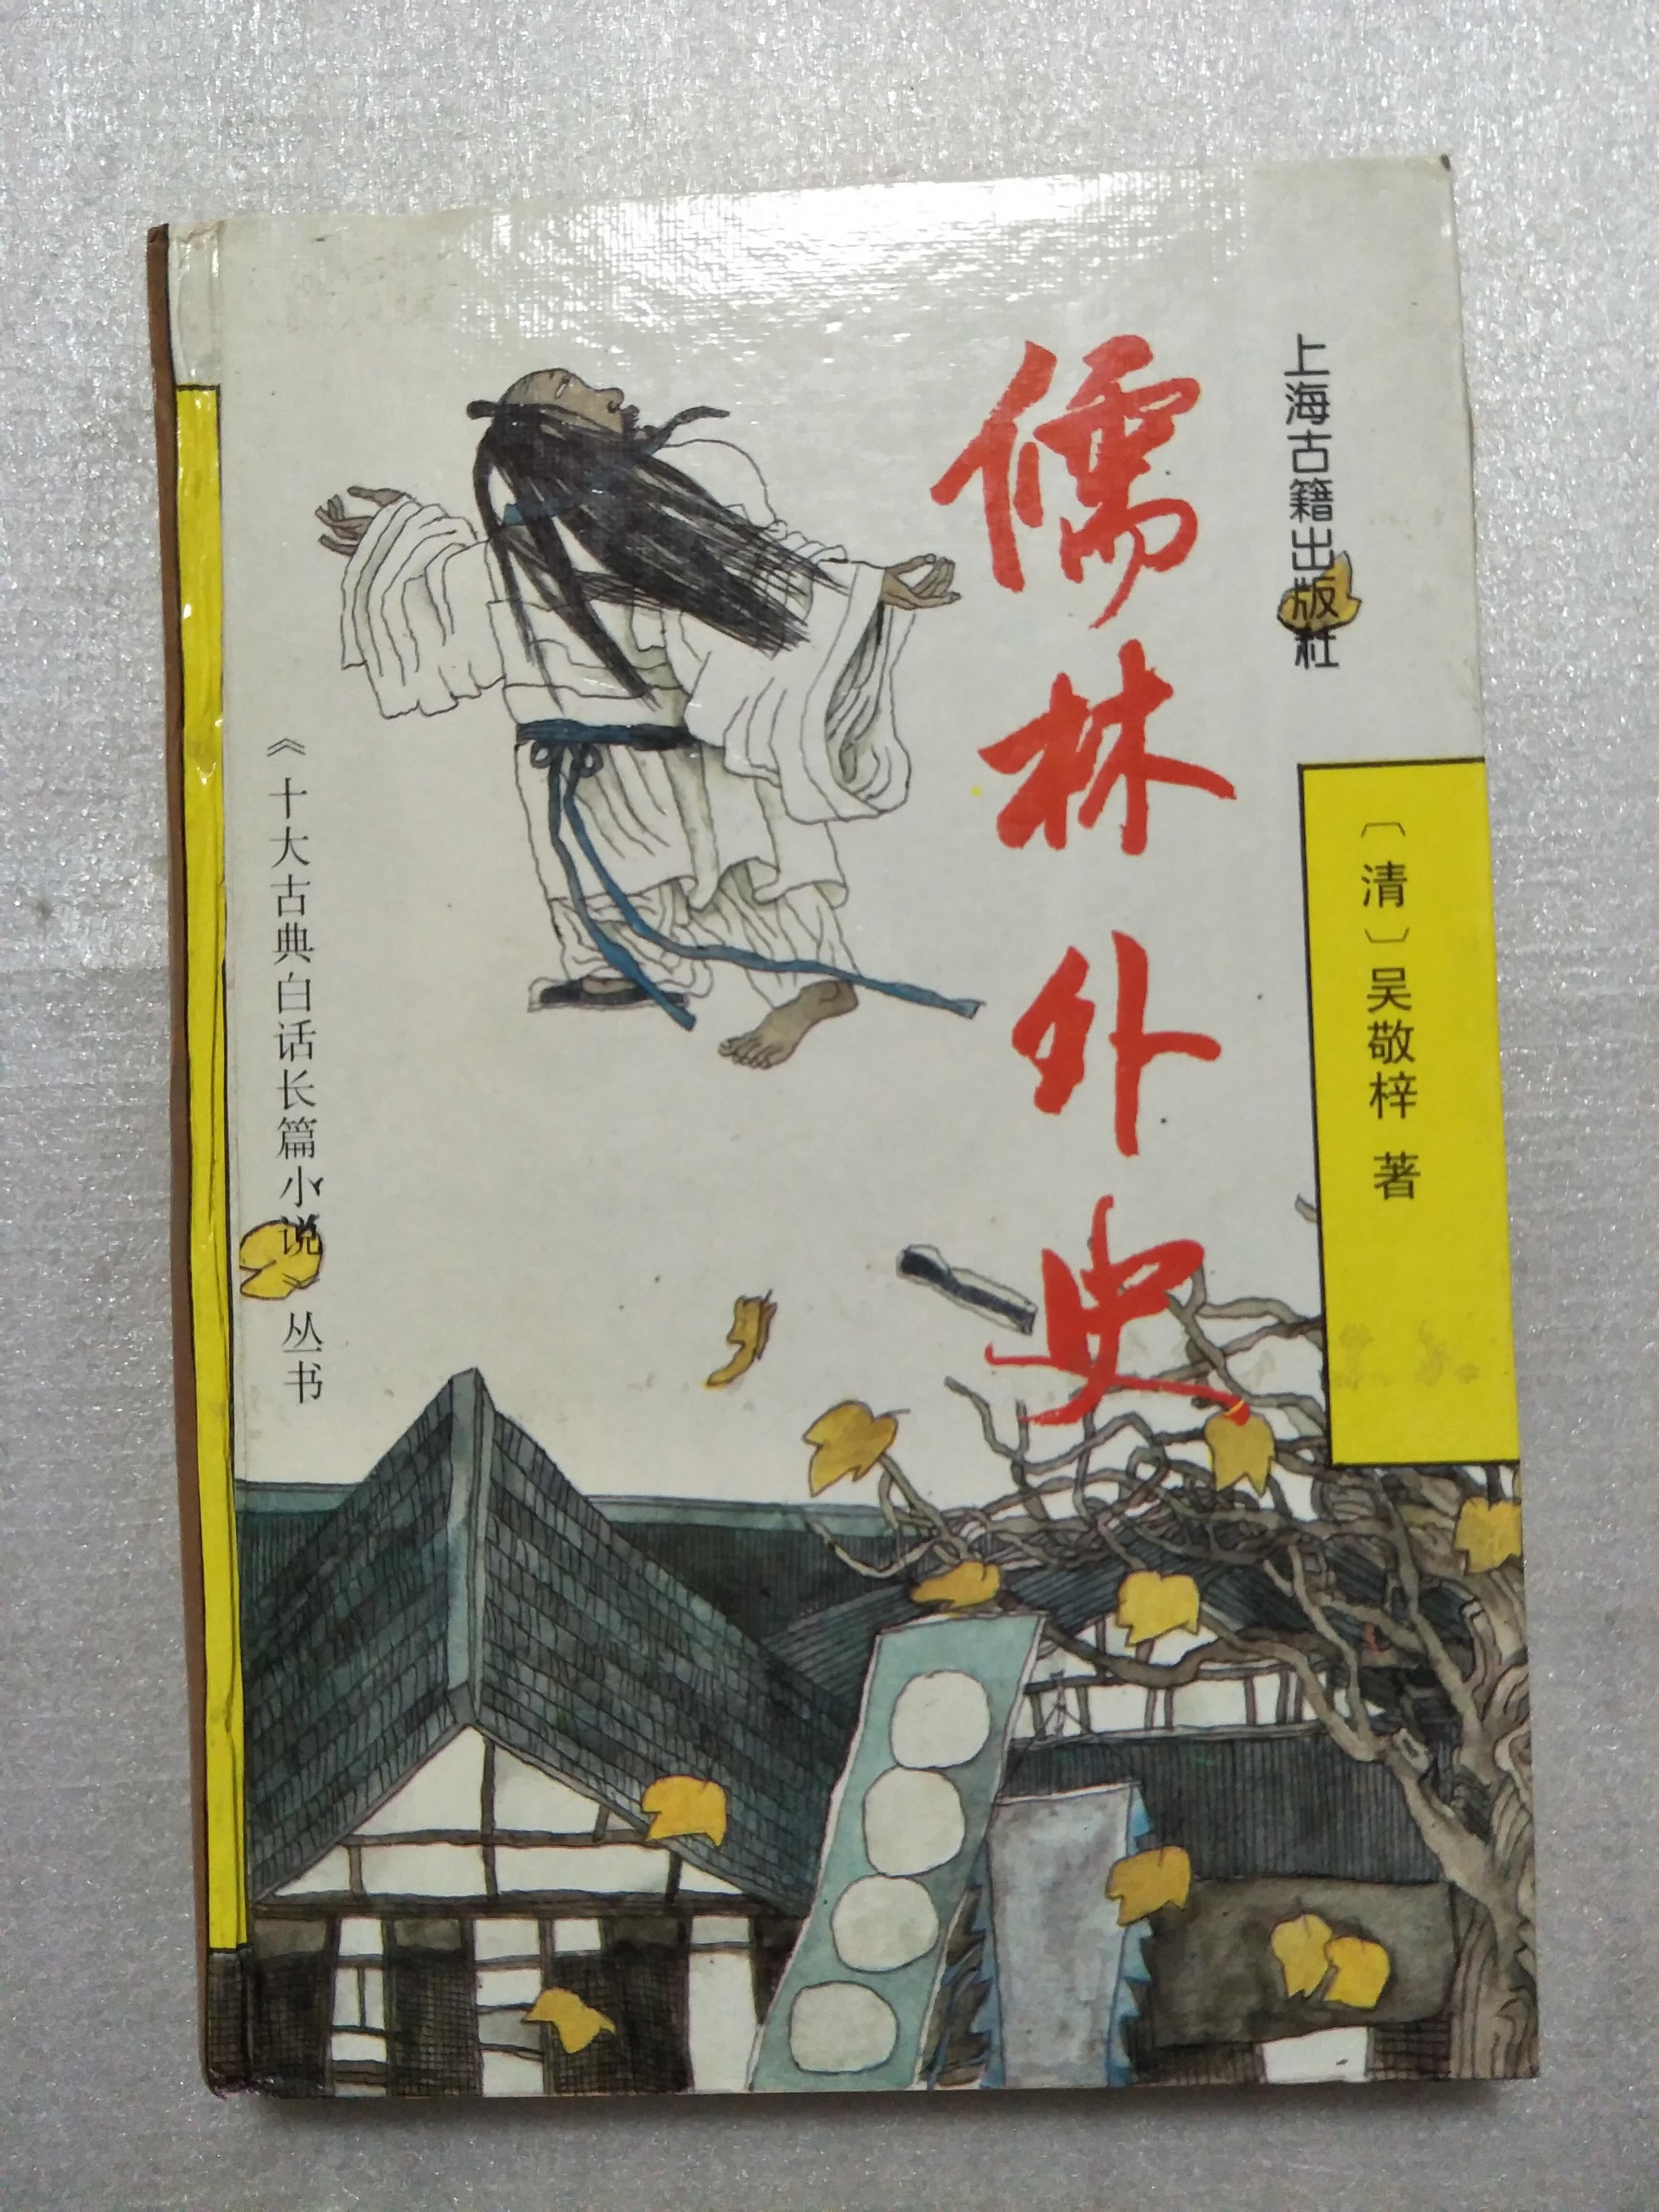 上海古籍版儒林外史(本书以现存最早的刻本嘉庆八年卧图片